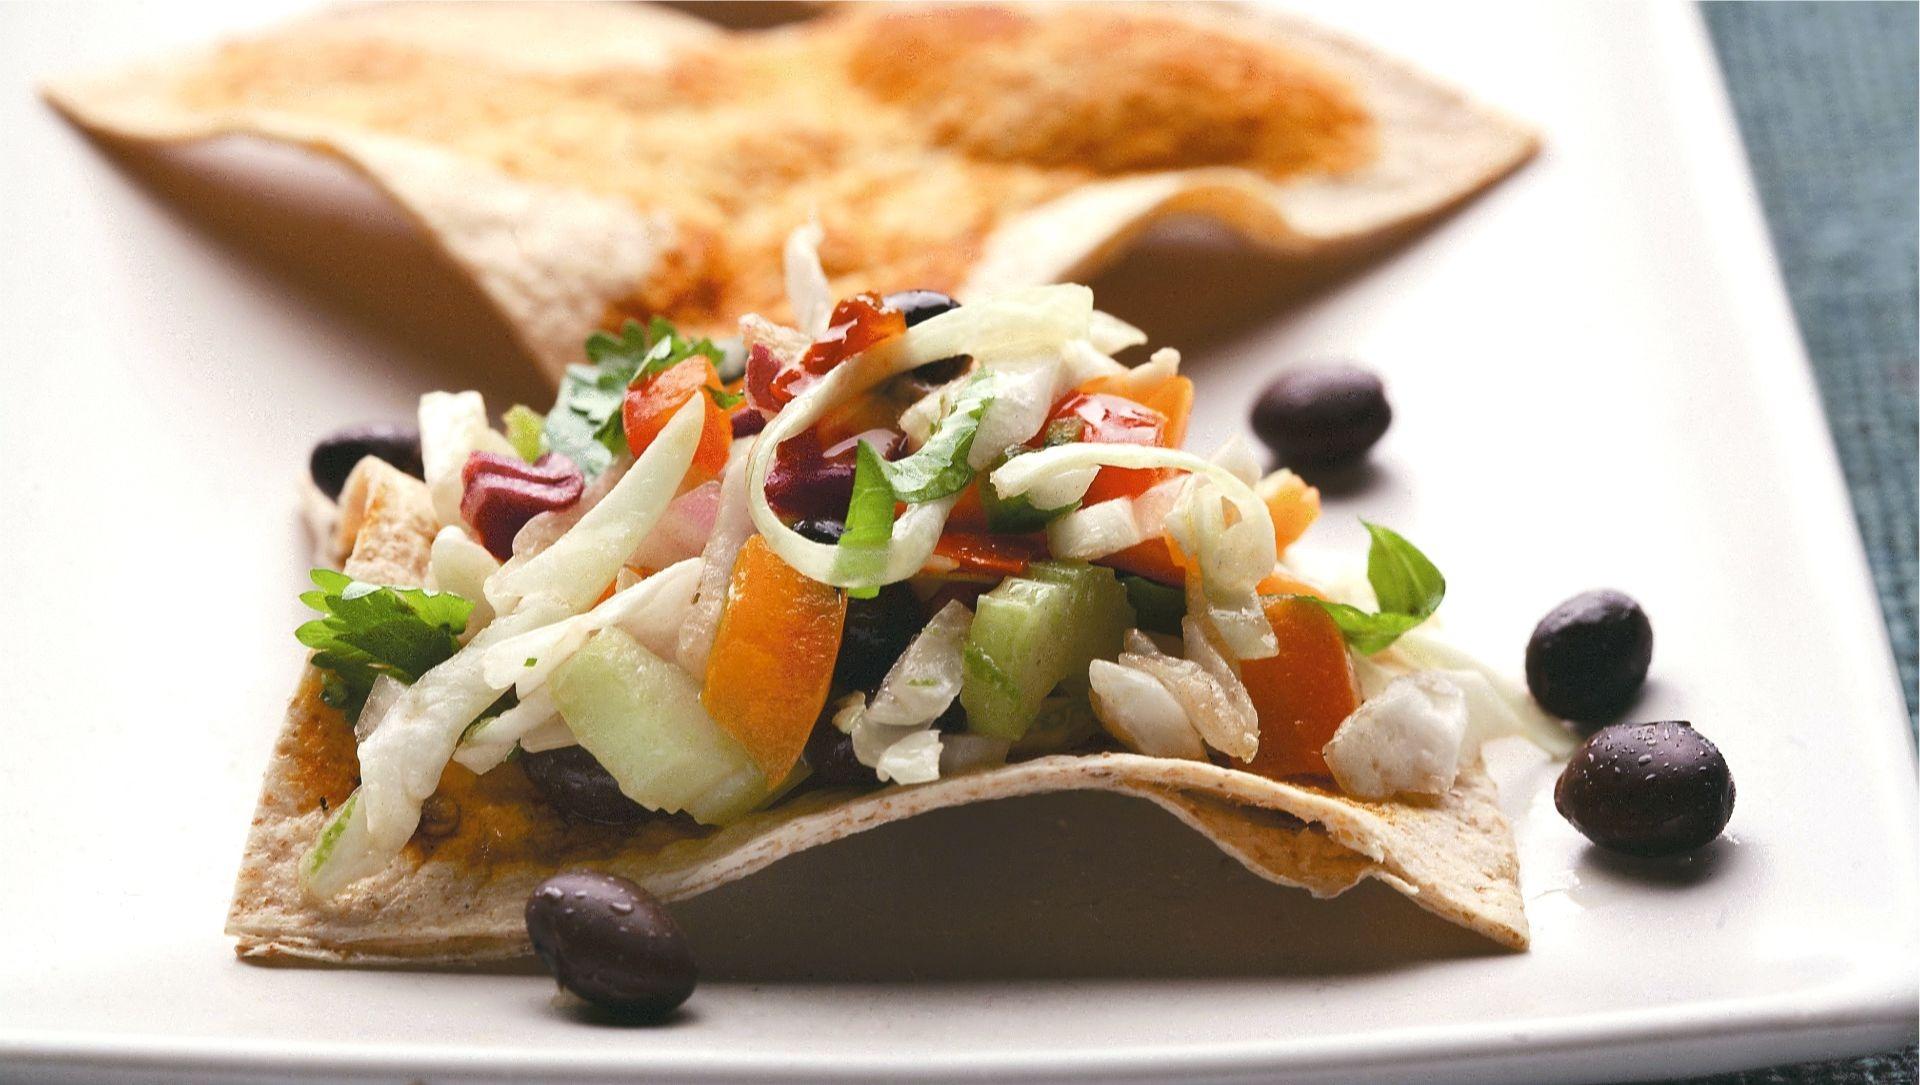 Salade de chou avec tortillas de blé entier triangulaires sur une assiette blanche.